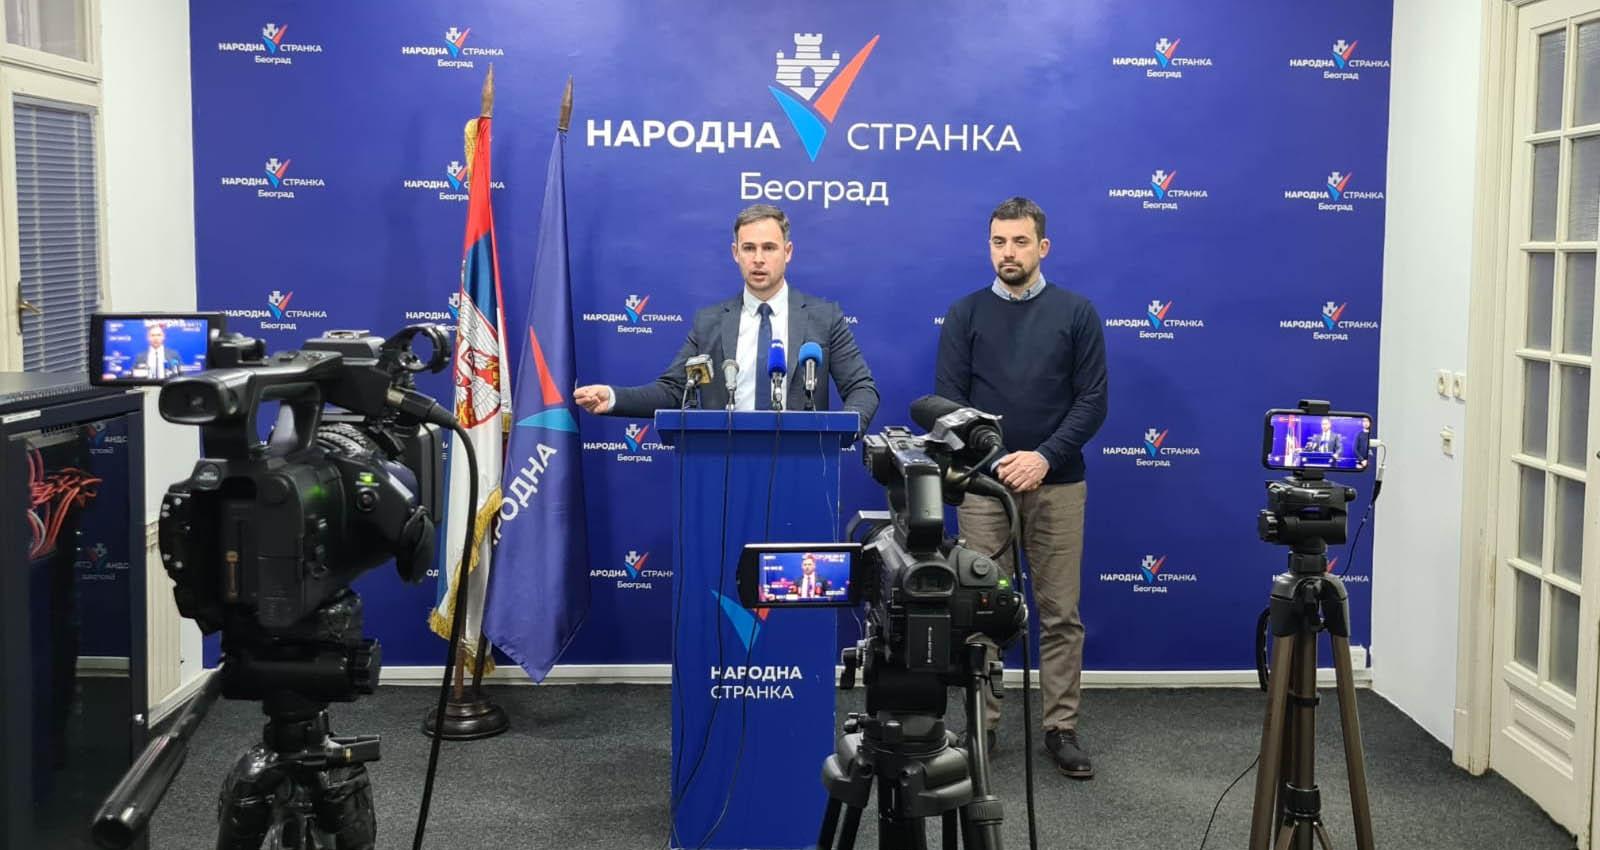 Алексић: Да ли је Колувија добијао таблице од Дијане Хркаловић да несметано испоручује дрогу